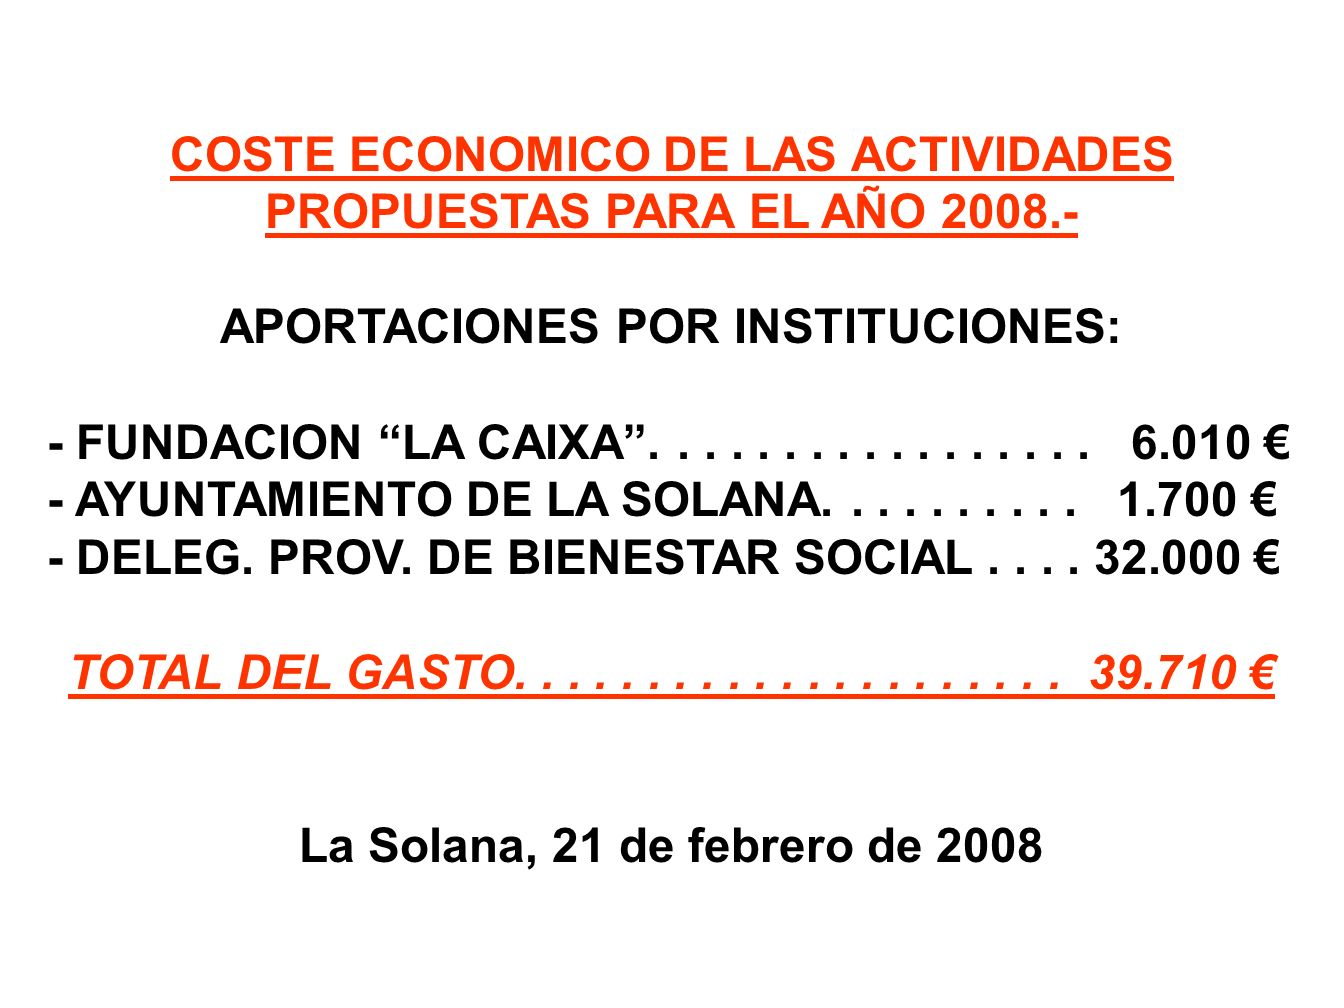 COSTE ECONOMICO DE LAS ACTIVIDADES PROPUESTAS PARA EL AÑO 2008.-